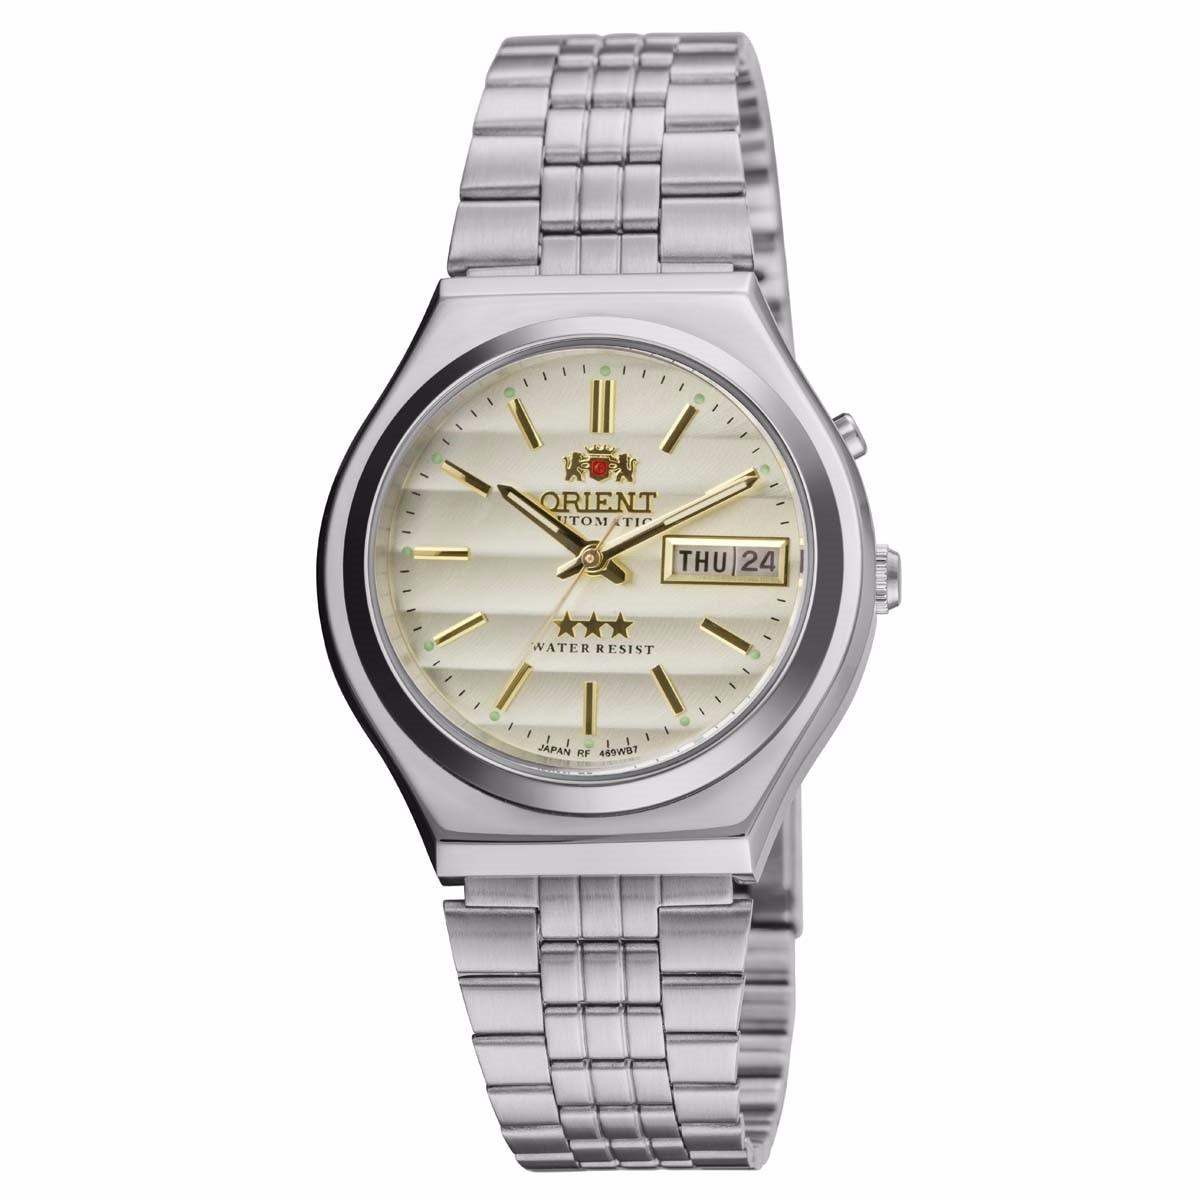 520ede0e2bd relógio orient automático masculino 469wb7a c1sx (cfsj). Carregando zoom.